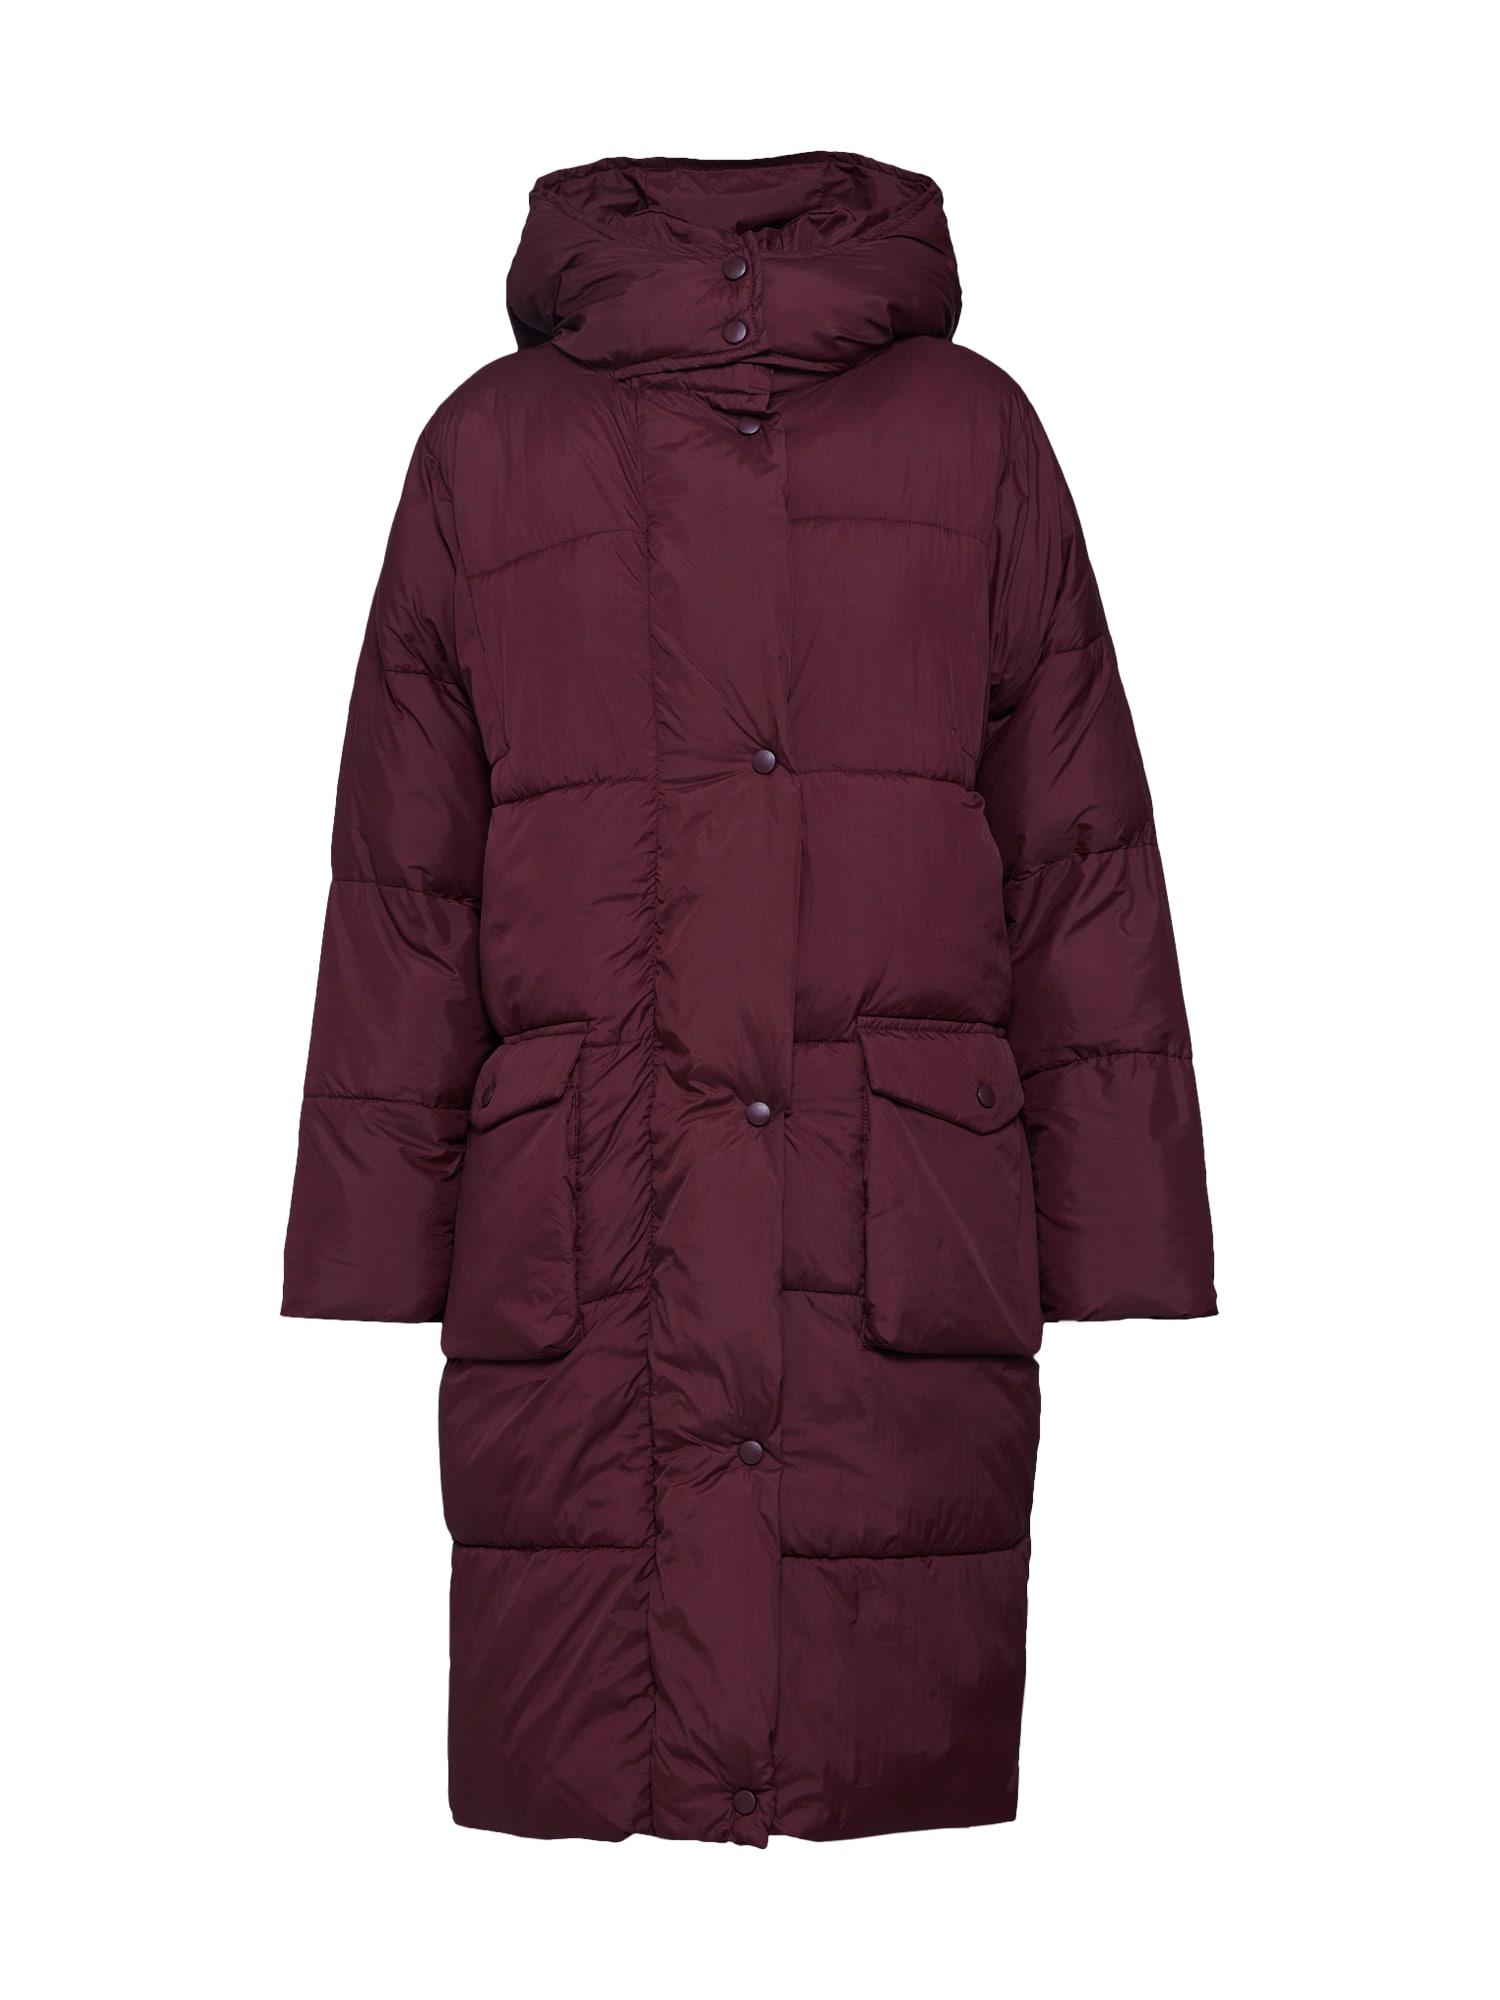 Zimní kabát LONGLINE PUFFER JACKET burgundská červeň Missguided